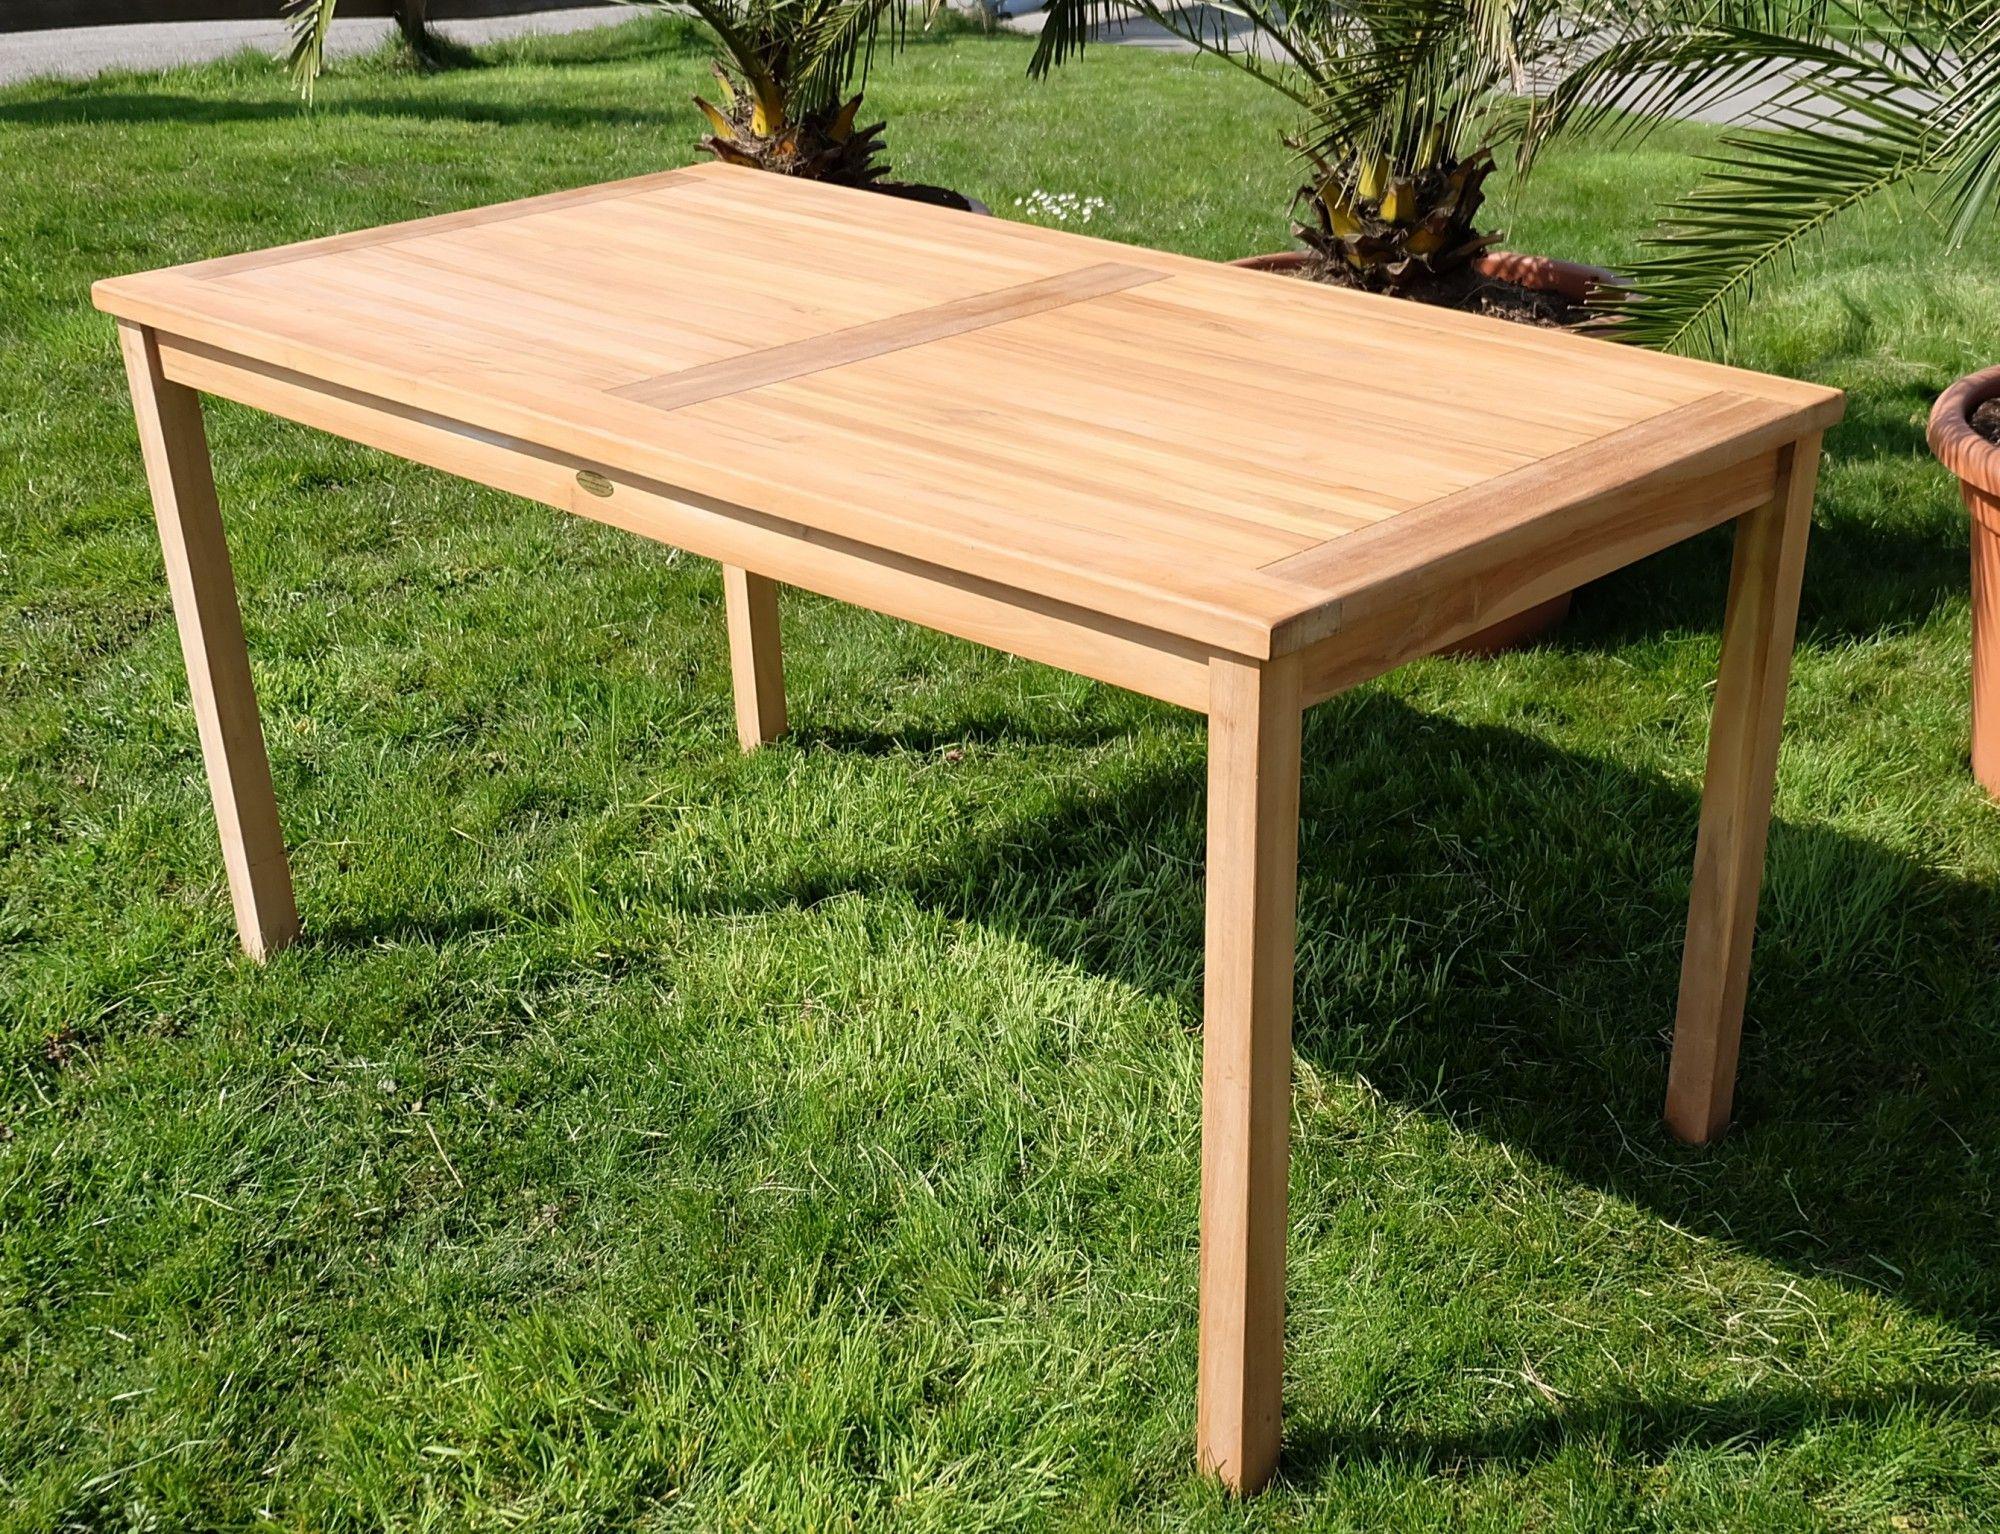 Teakholz tisch garten  TEAK XL Holztisch Gartentisch Garten Tisch 150x80cm Gartenmöbel Holz ...